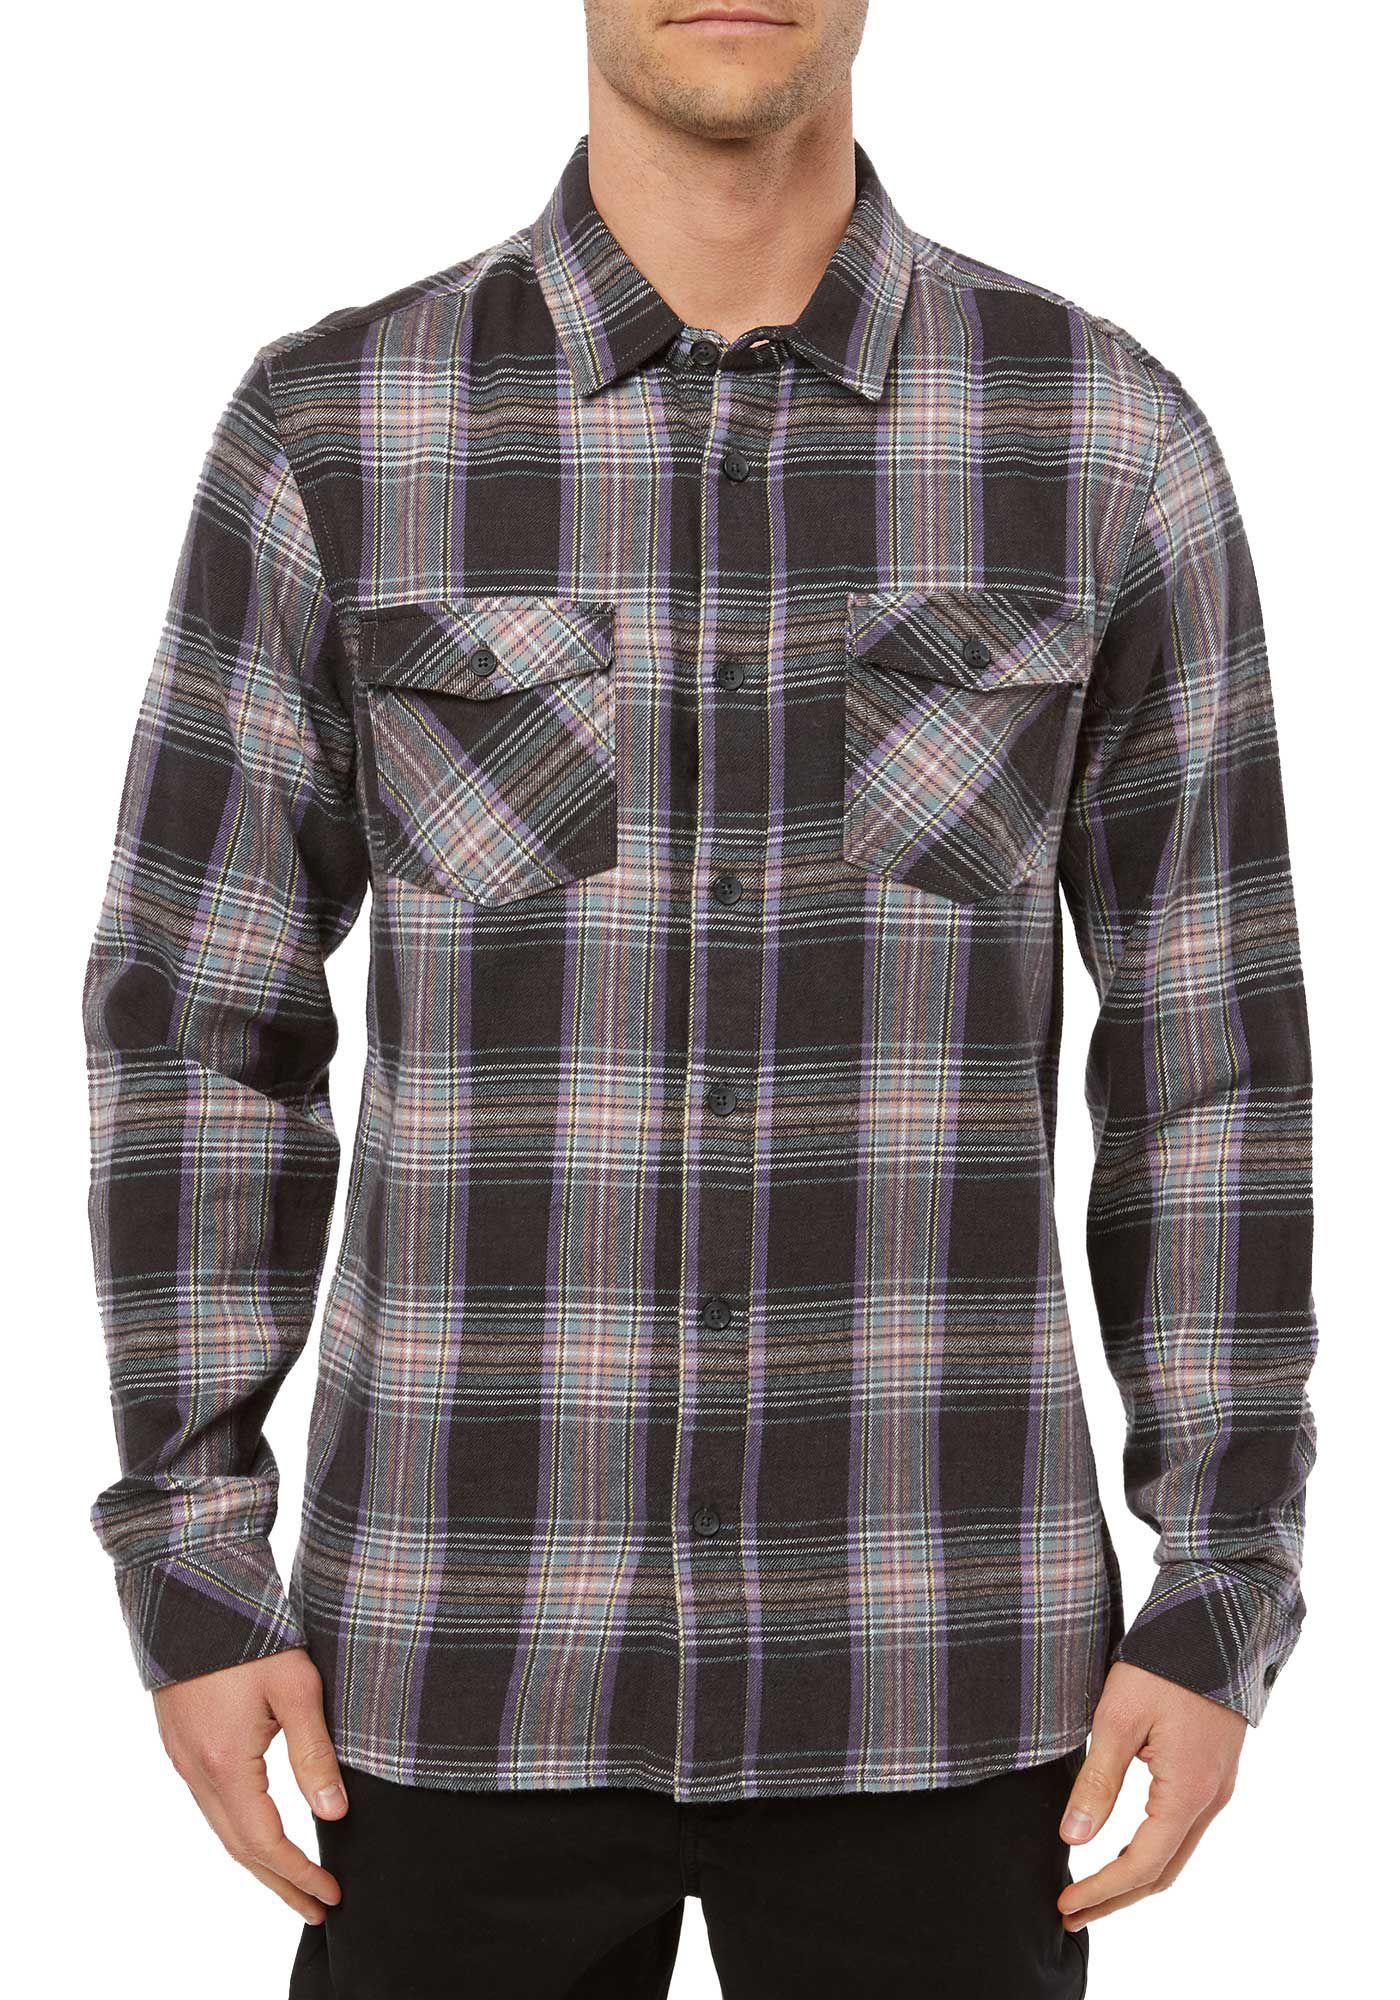 O'Neill Men's Highlands Long Sleeve Flannel Shirt